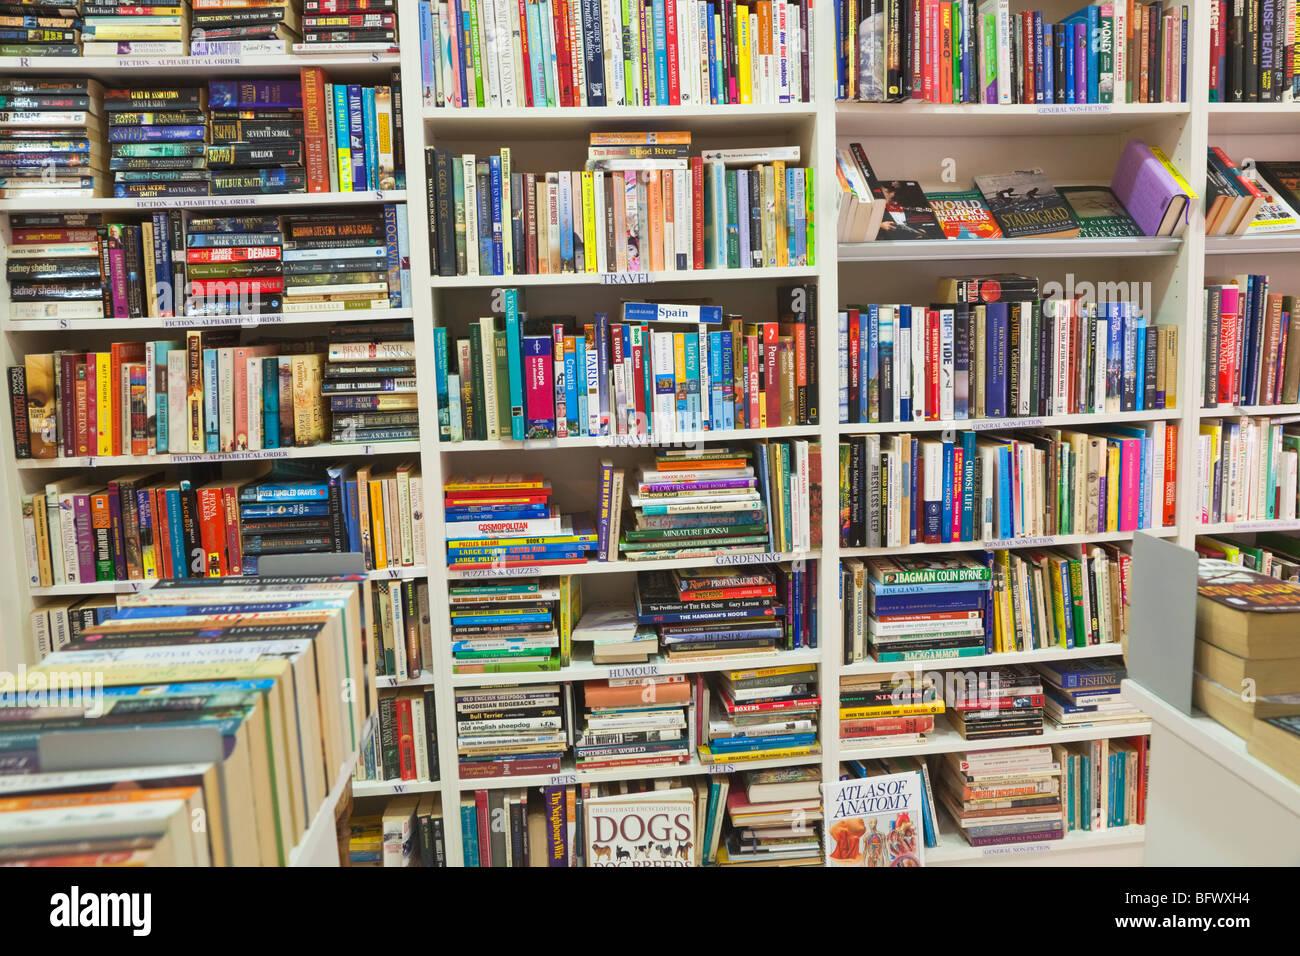 Bücher in englischer Sprache im Second-Hand Buchladen Stockbild